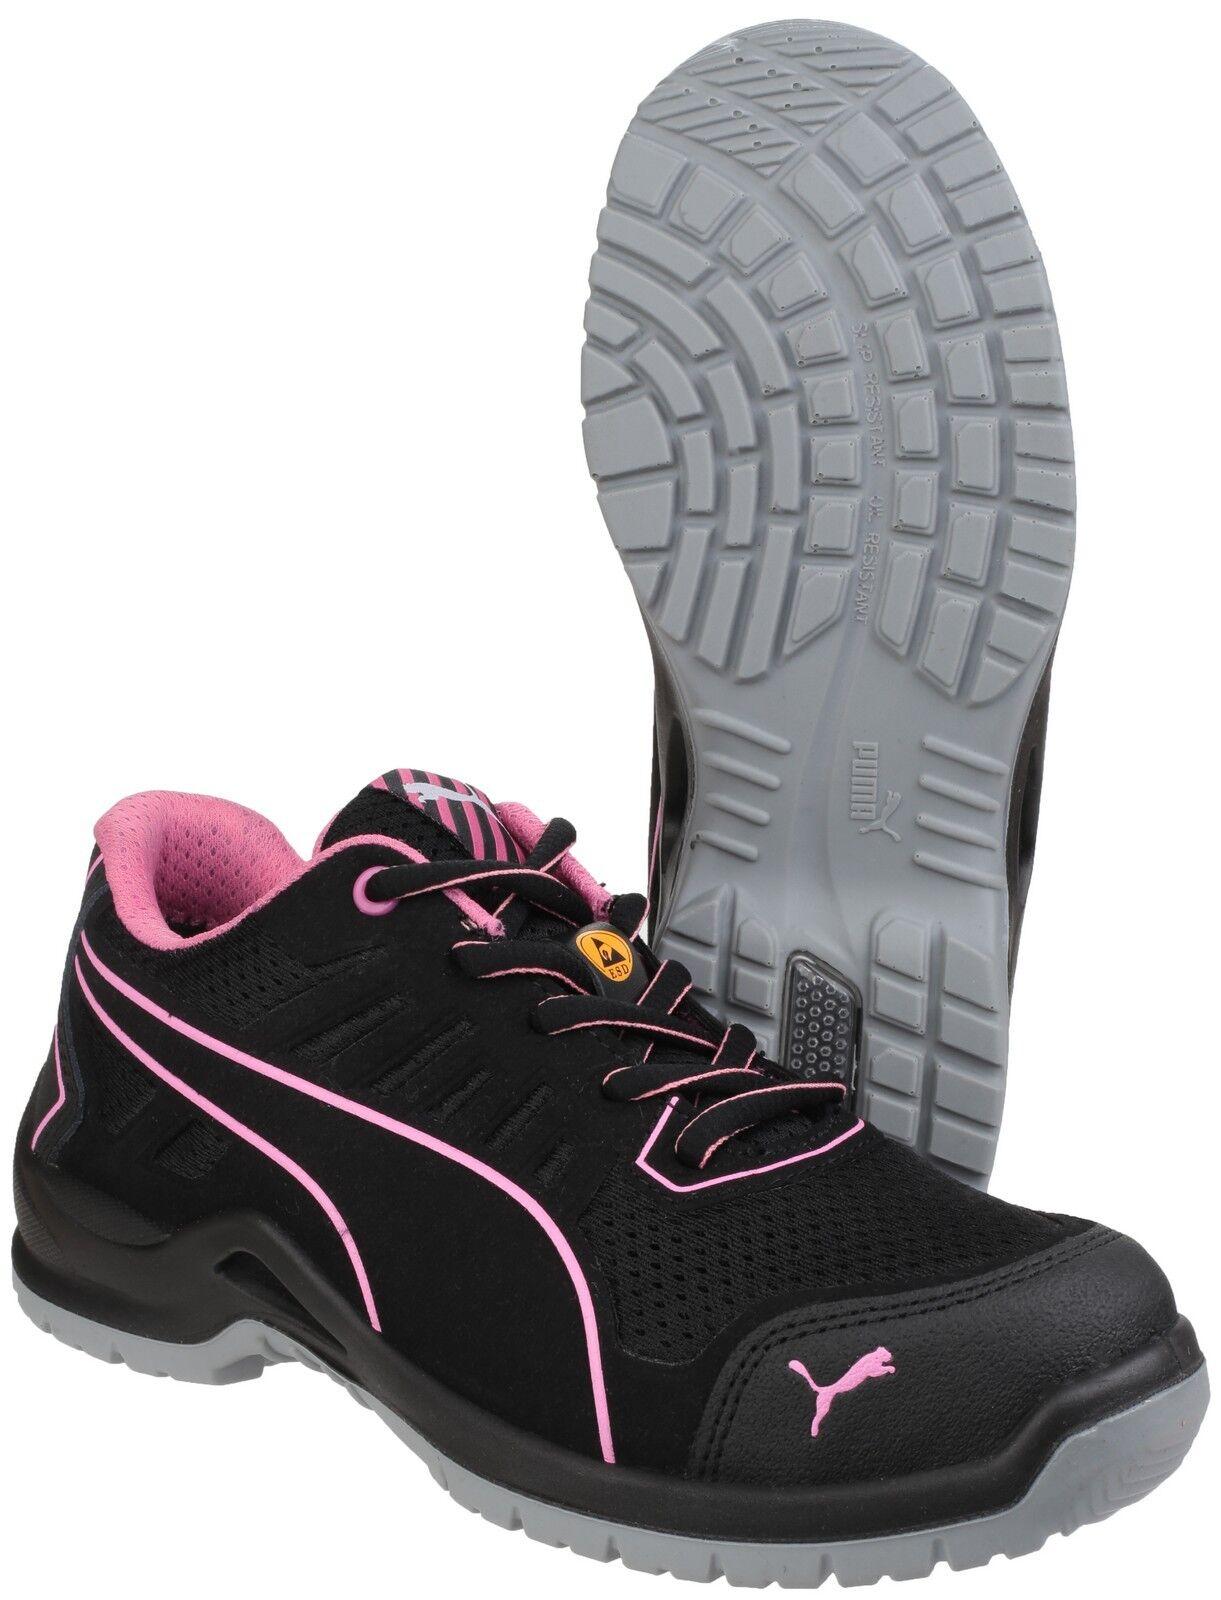 Puma Sicherung TC Pink Niedrige Sicherheit Damen Industrie- Arbeit Turnschuhe